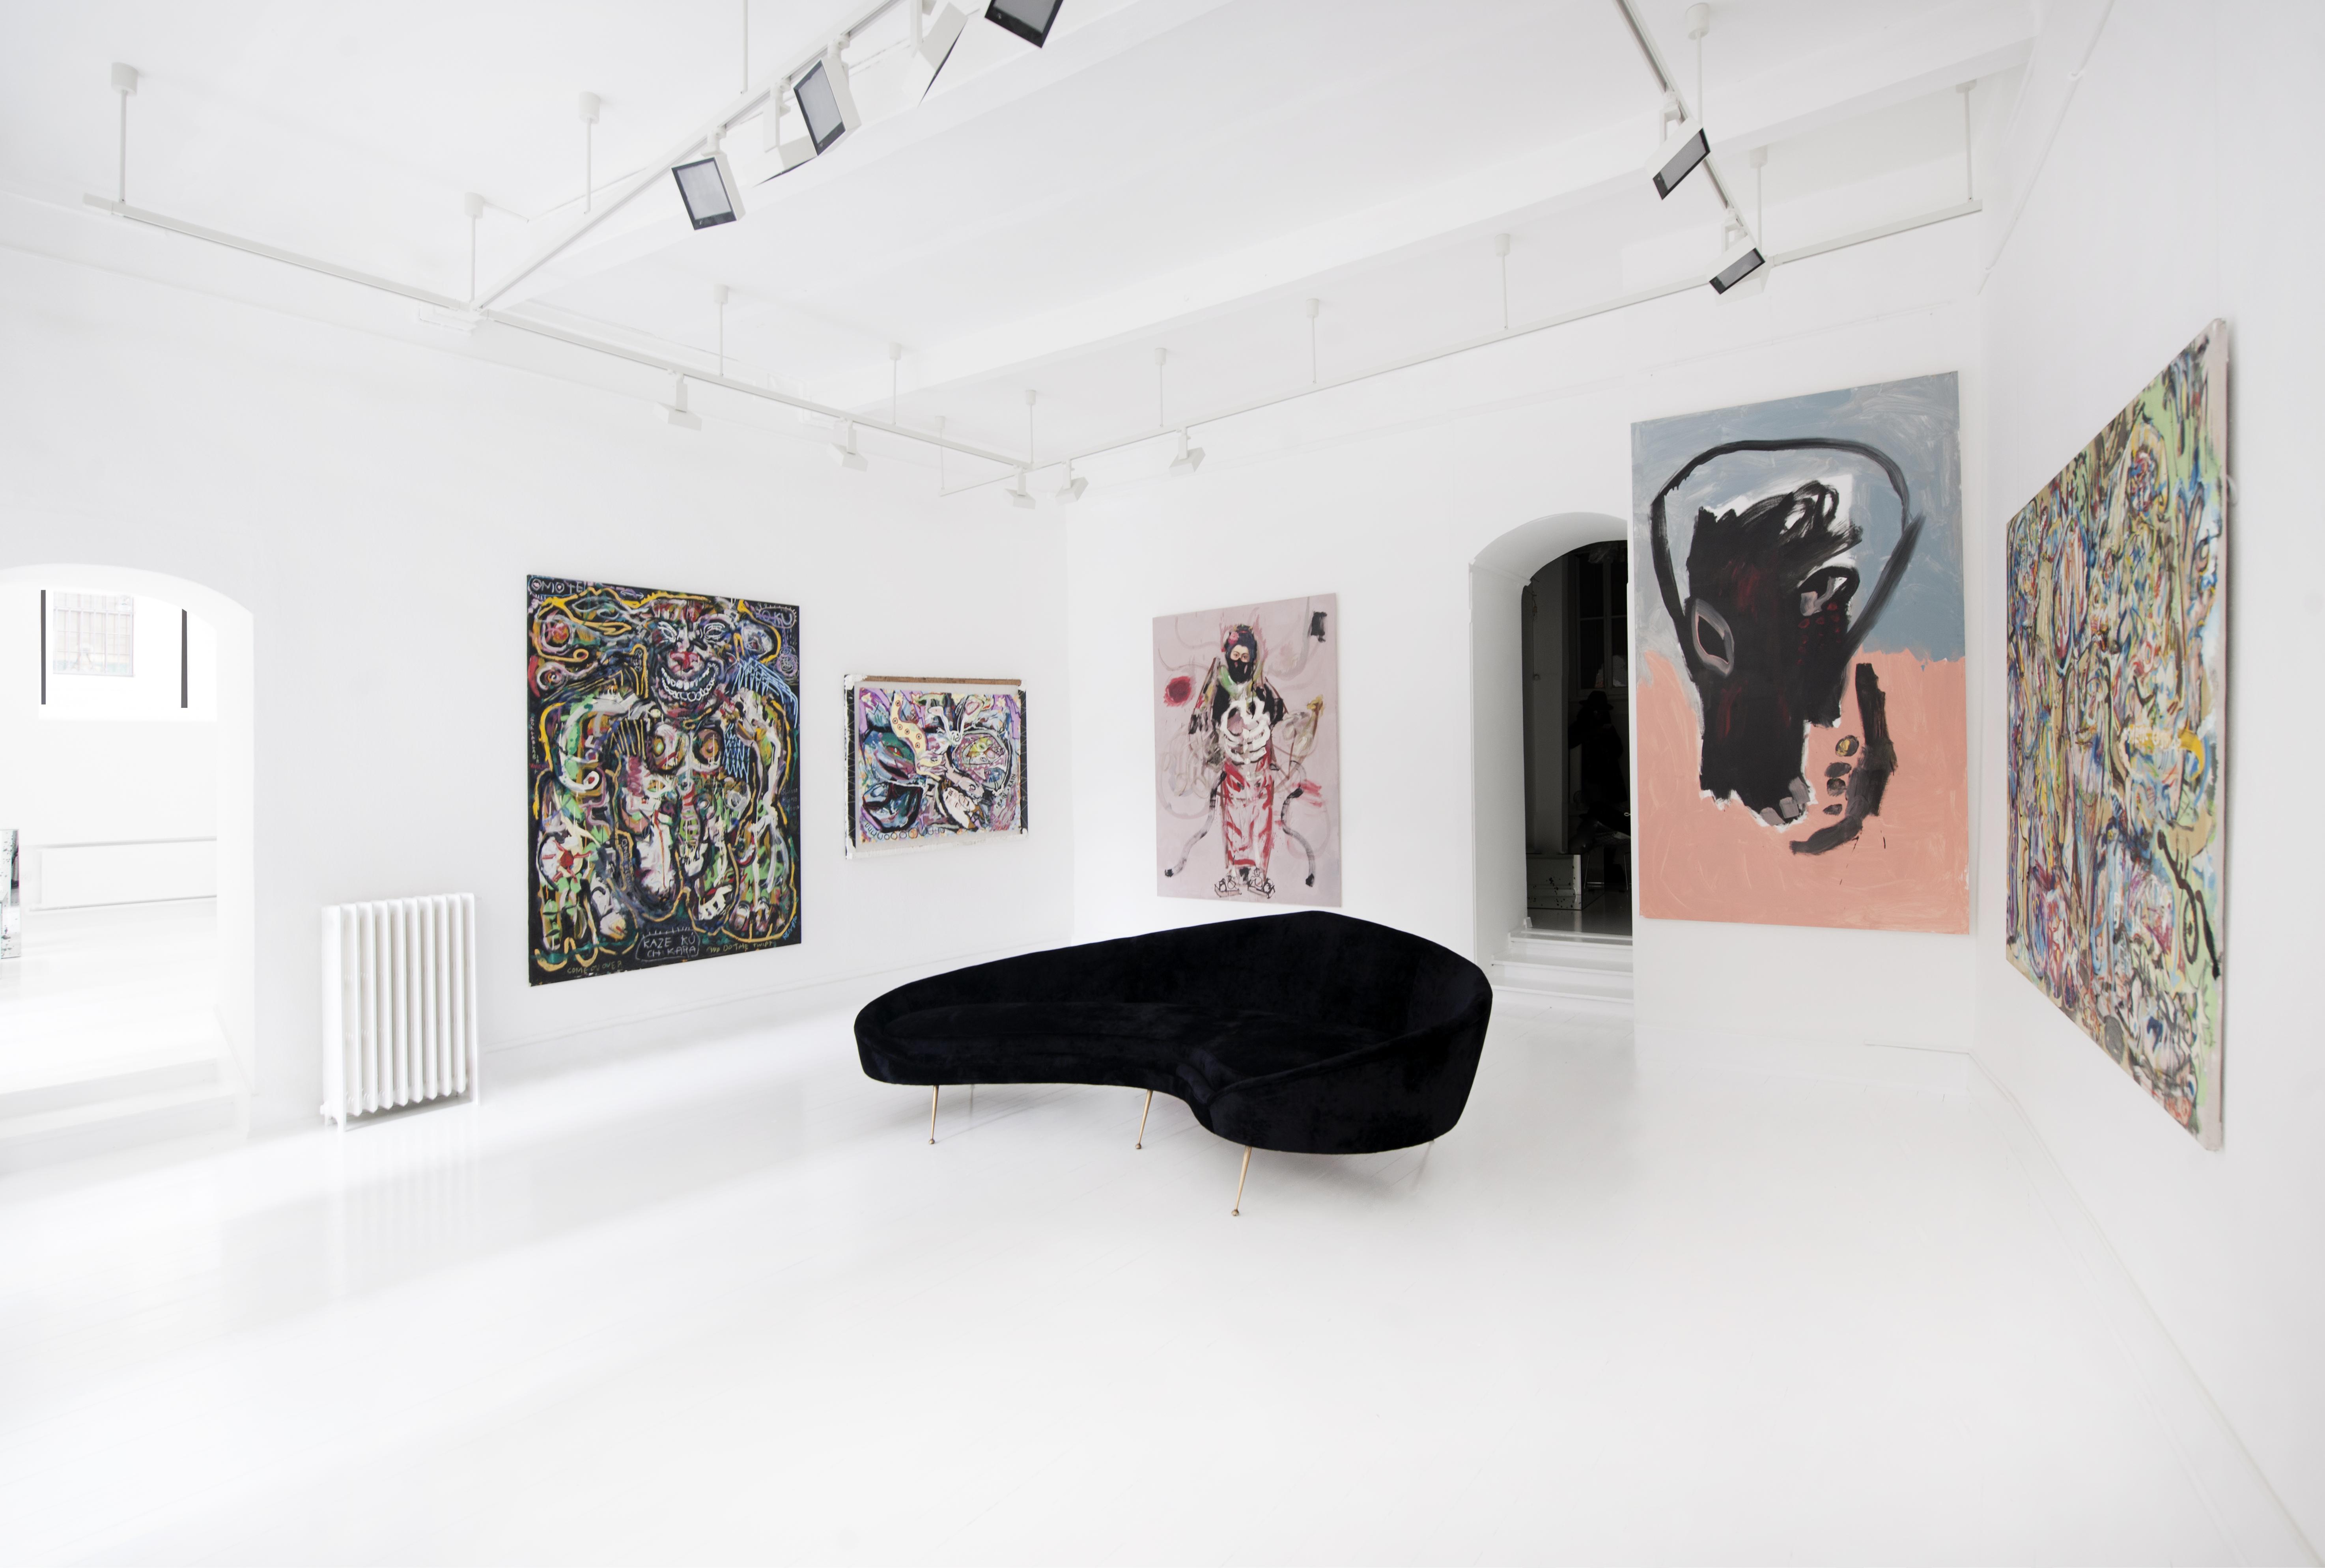 Des artistes et des designers intérieurs exposent leurs oeuvres dans la galerie de Tribu House.